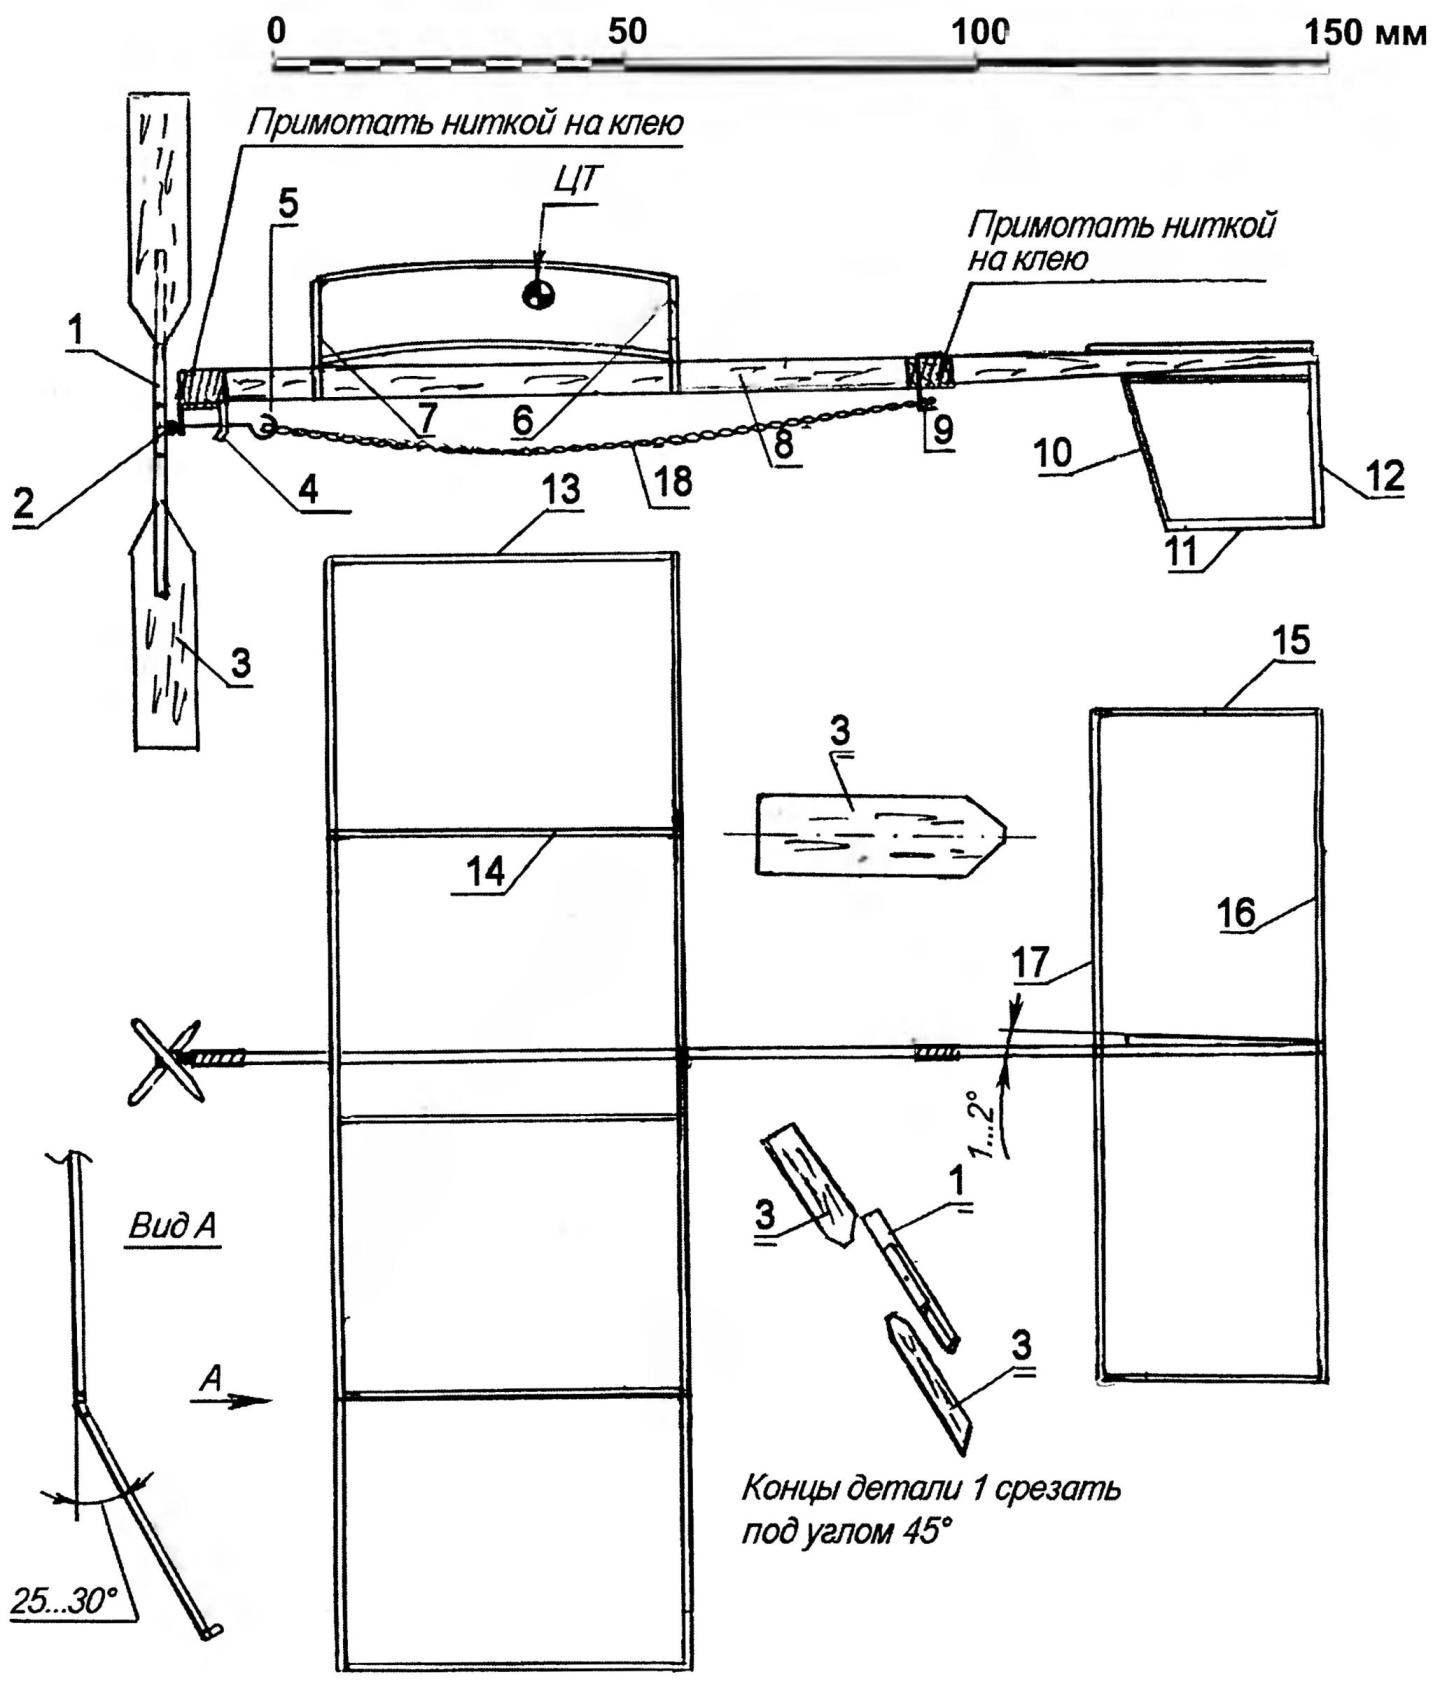 Комнатная модель самолёта «Муха»